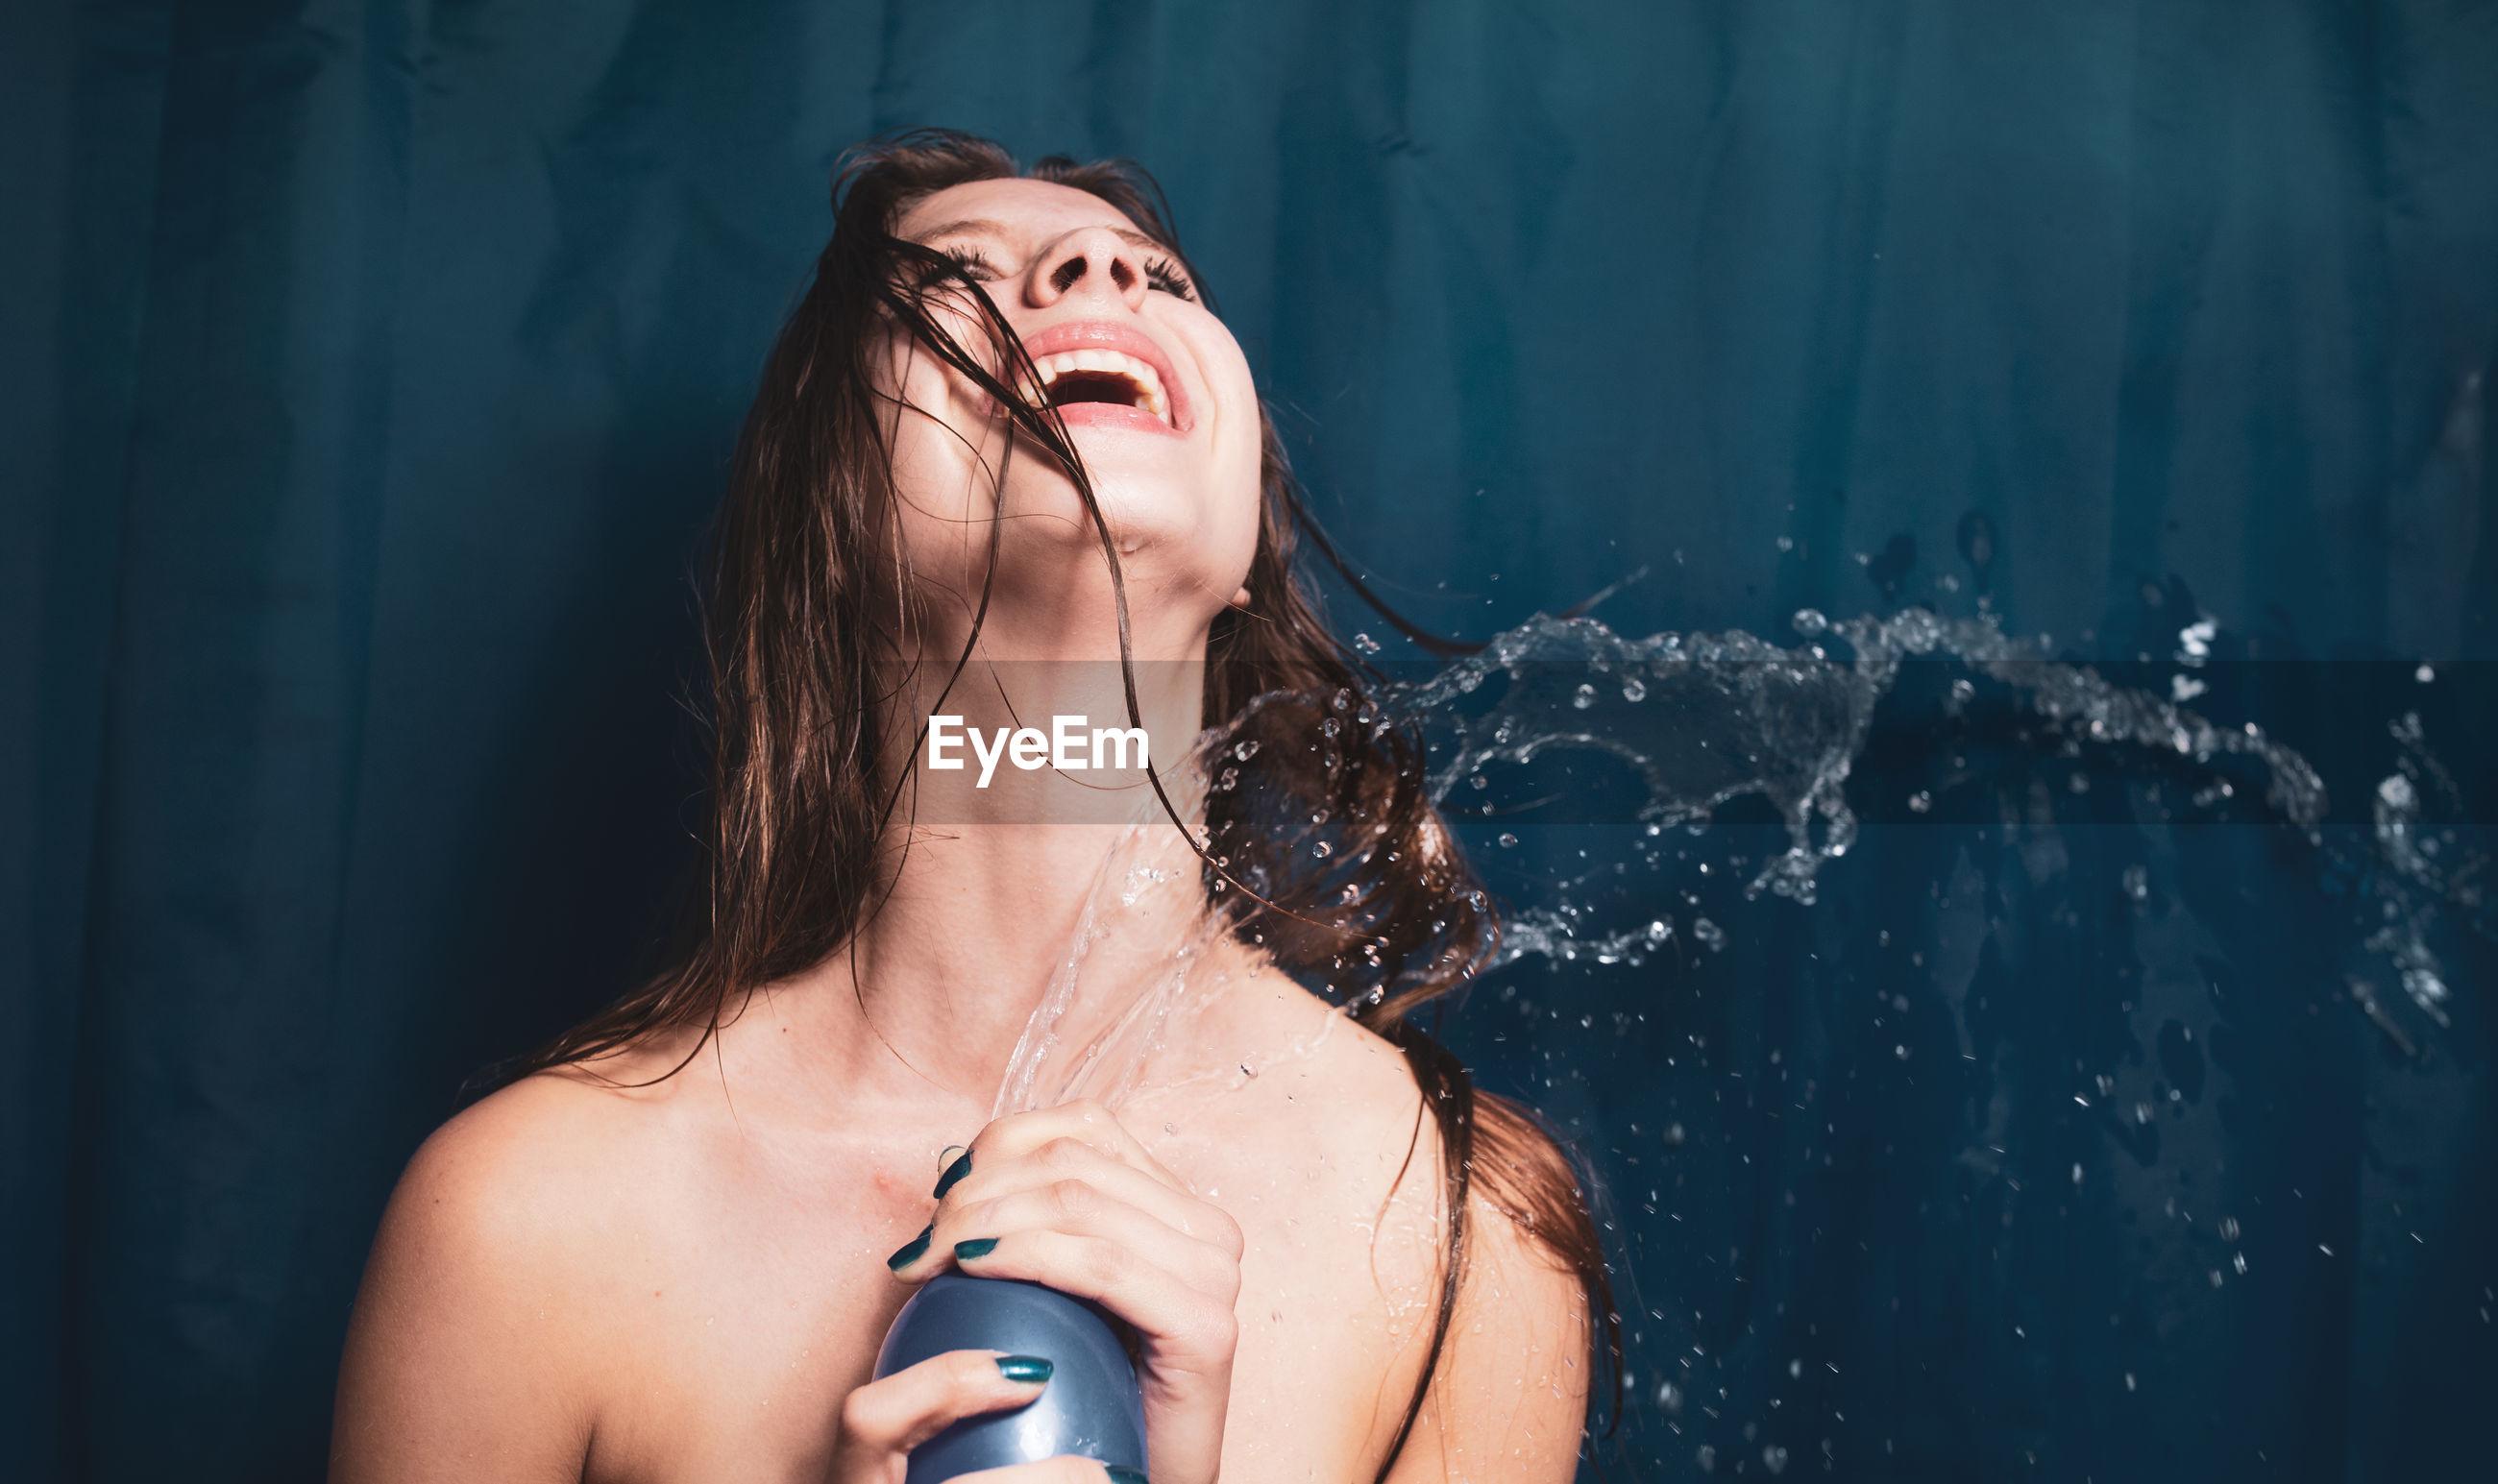 Shirtless woman splashing water against curtain